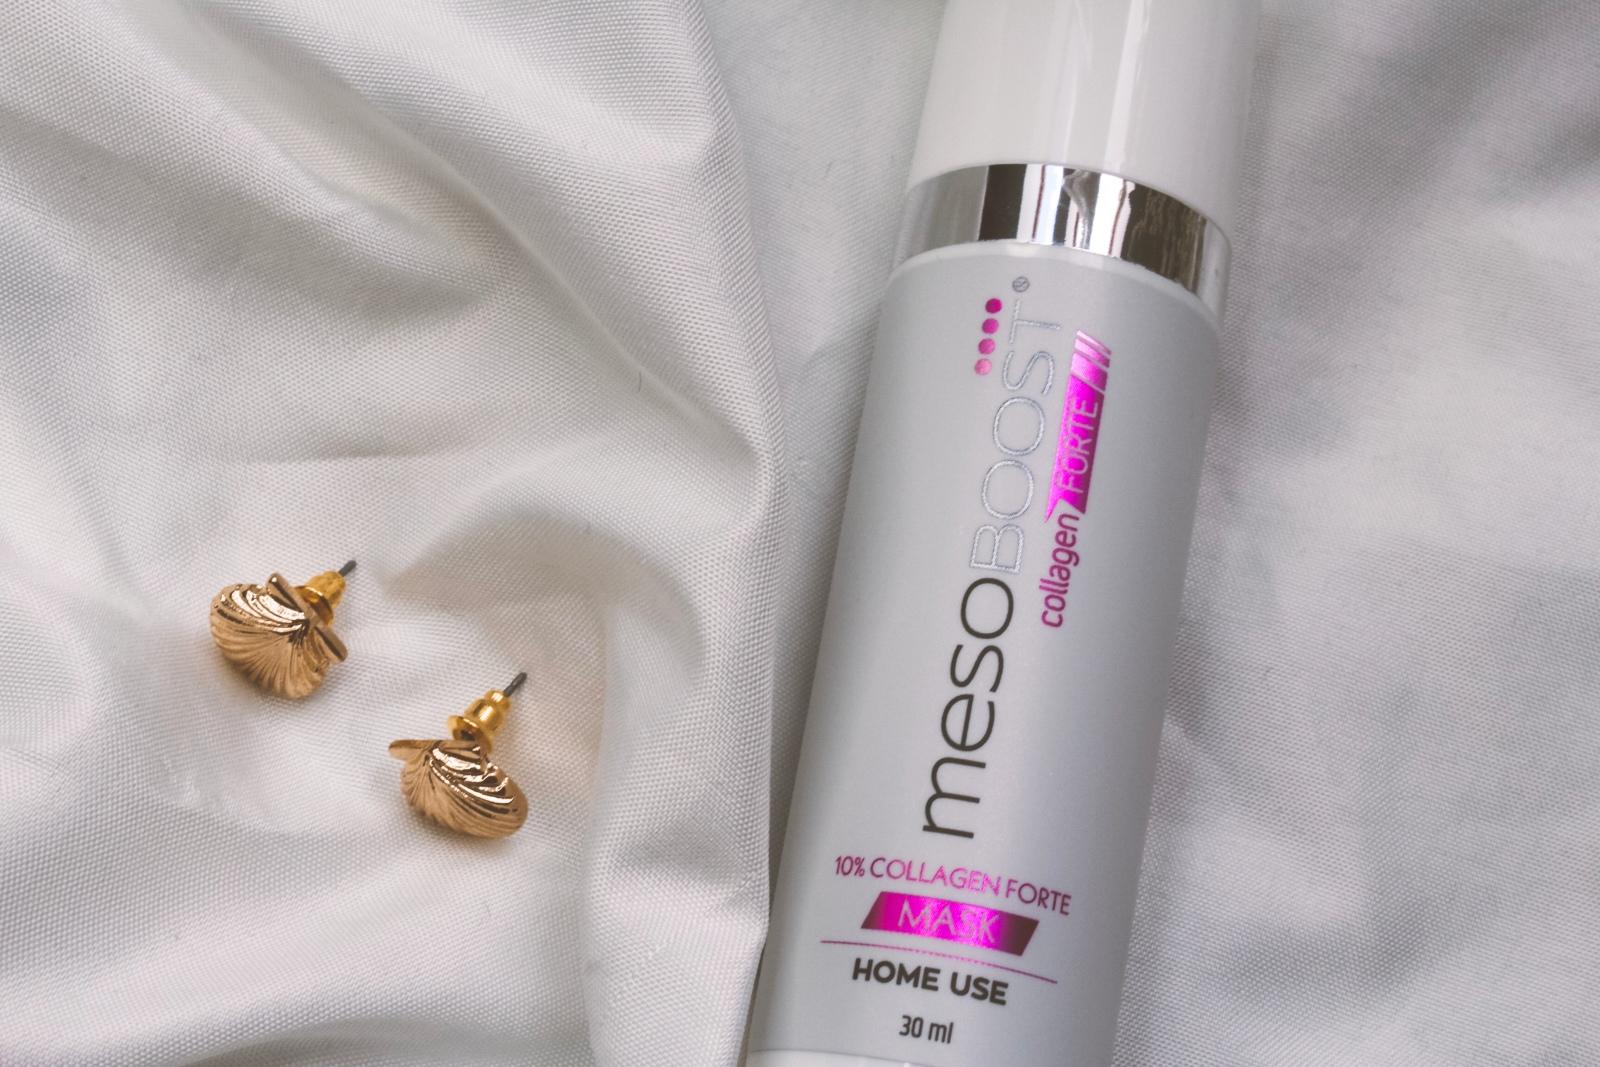 maska kolagenowa Mesoboost Collagen Forte Mask